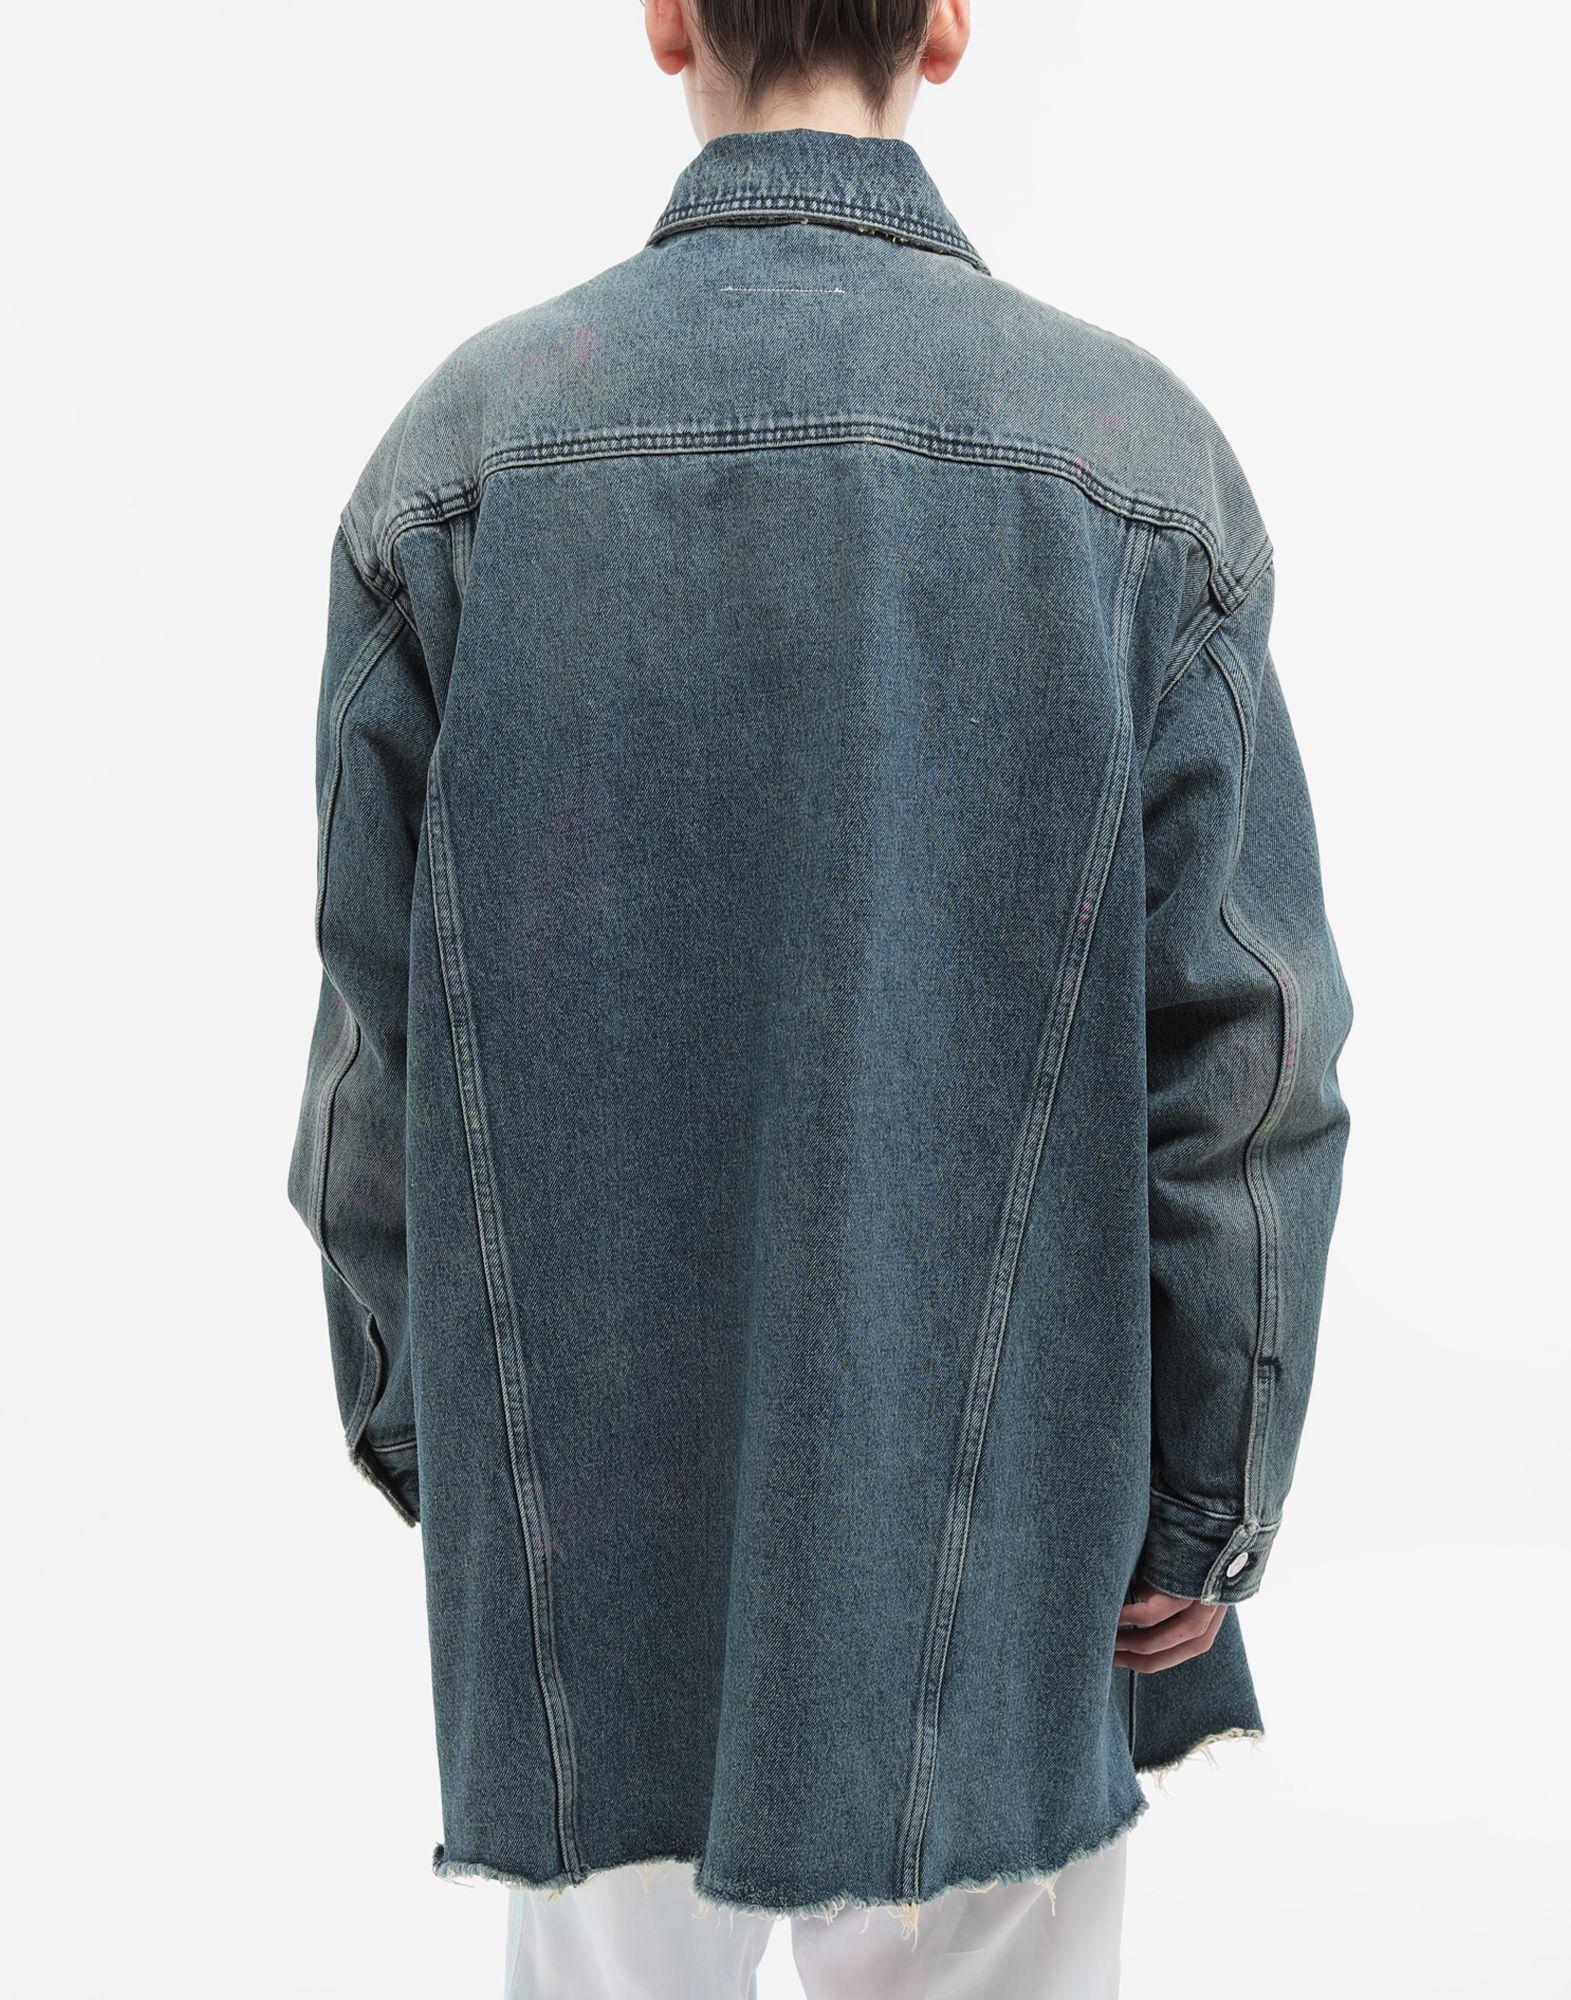 MM6 MAISON MARGIELA Oversized highlighter-treated denim jacket Jacket Woman e